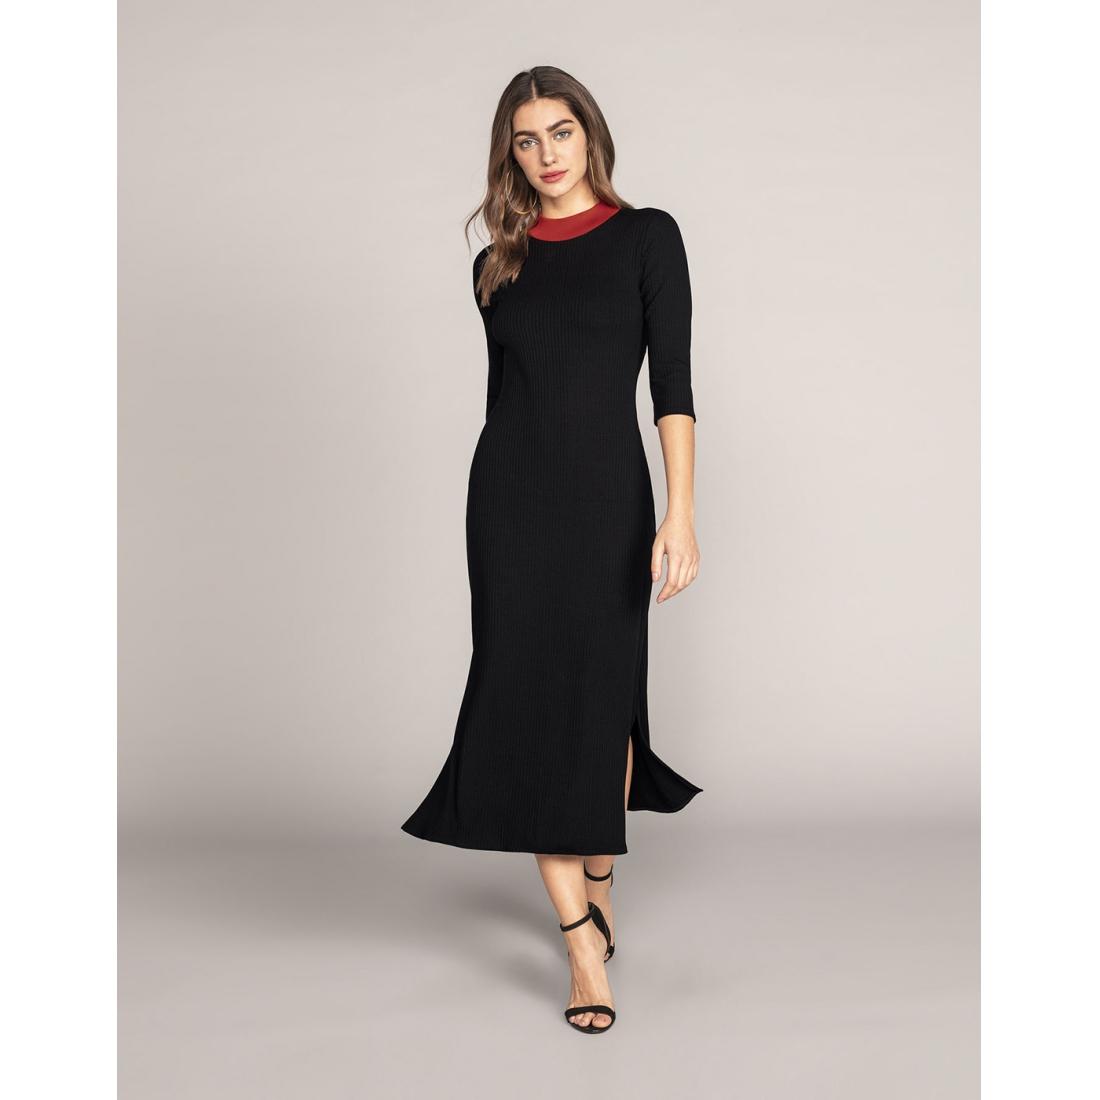 Vestido Malha Costine Malaga Preto Reativo Lunender